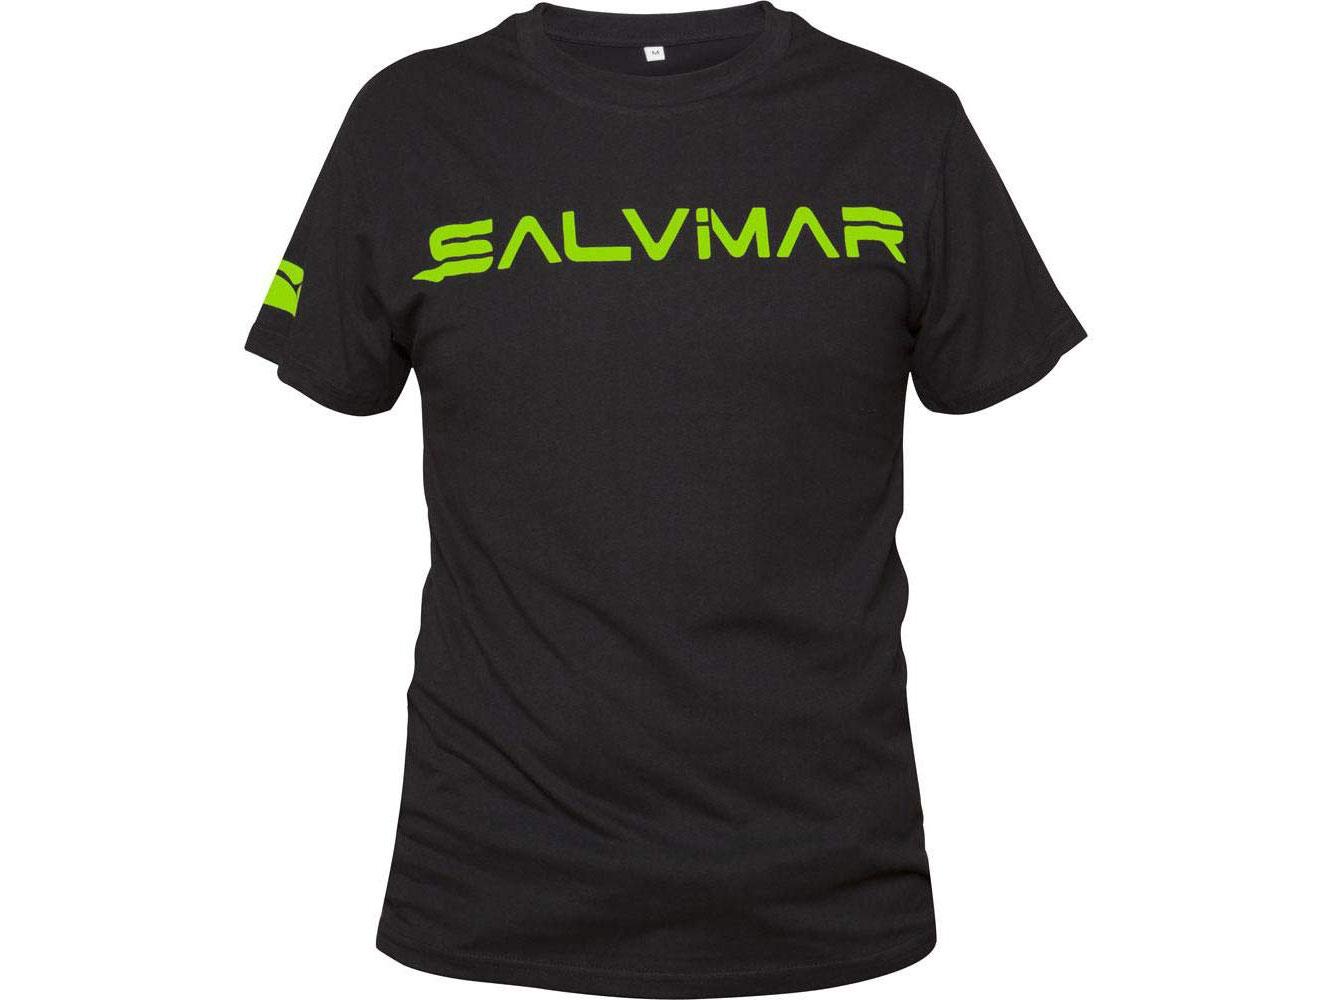 SALVIMAR Tシャツ メンズ(サルビマール)